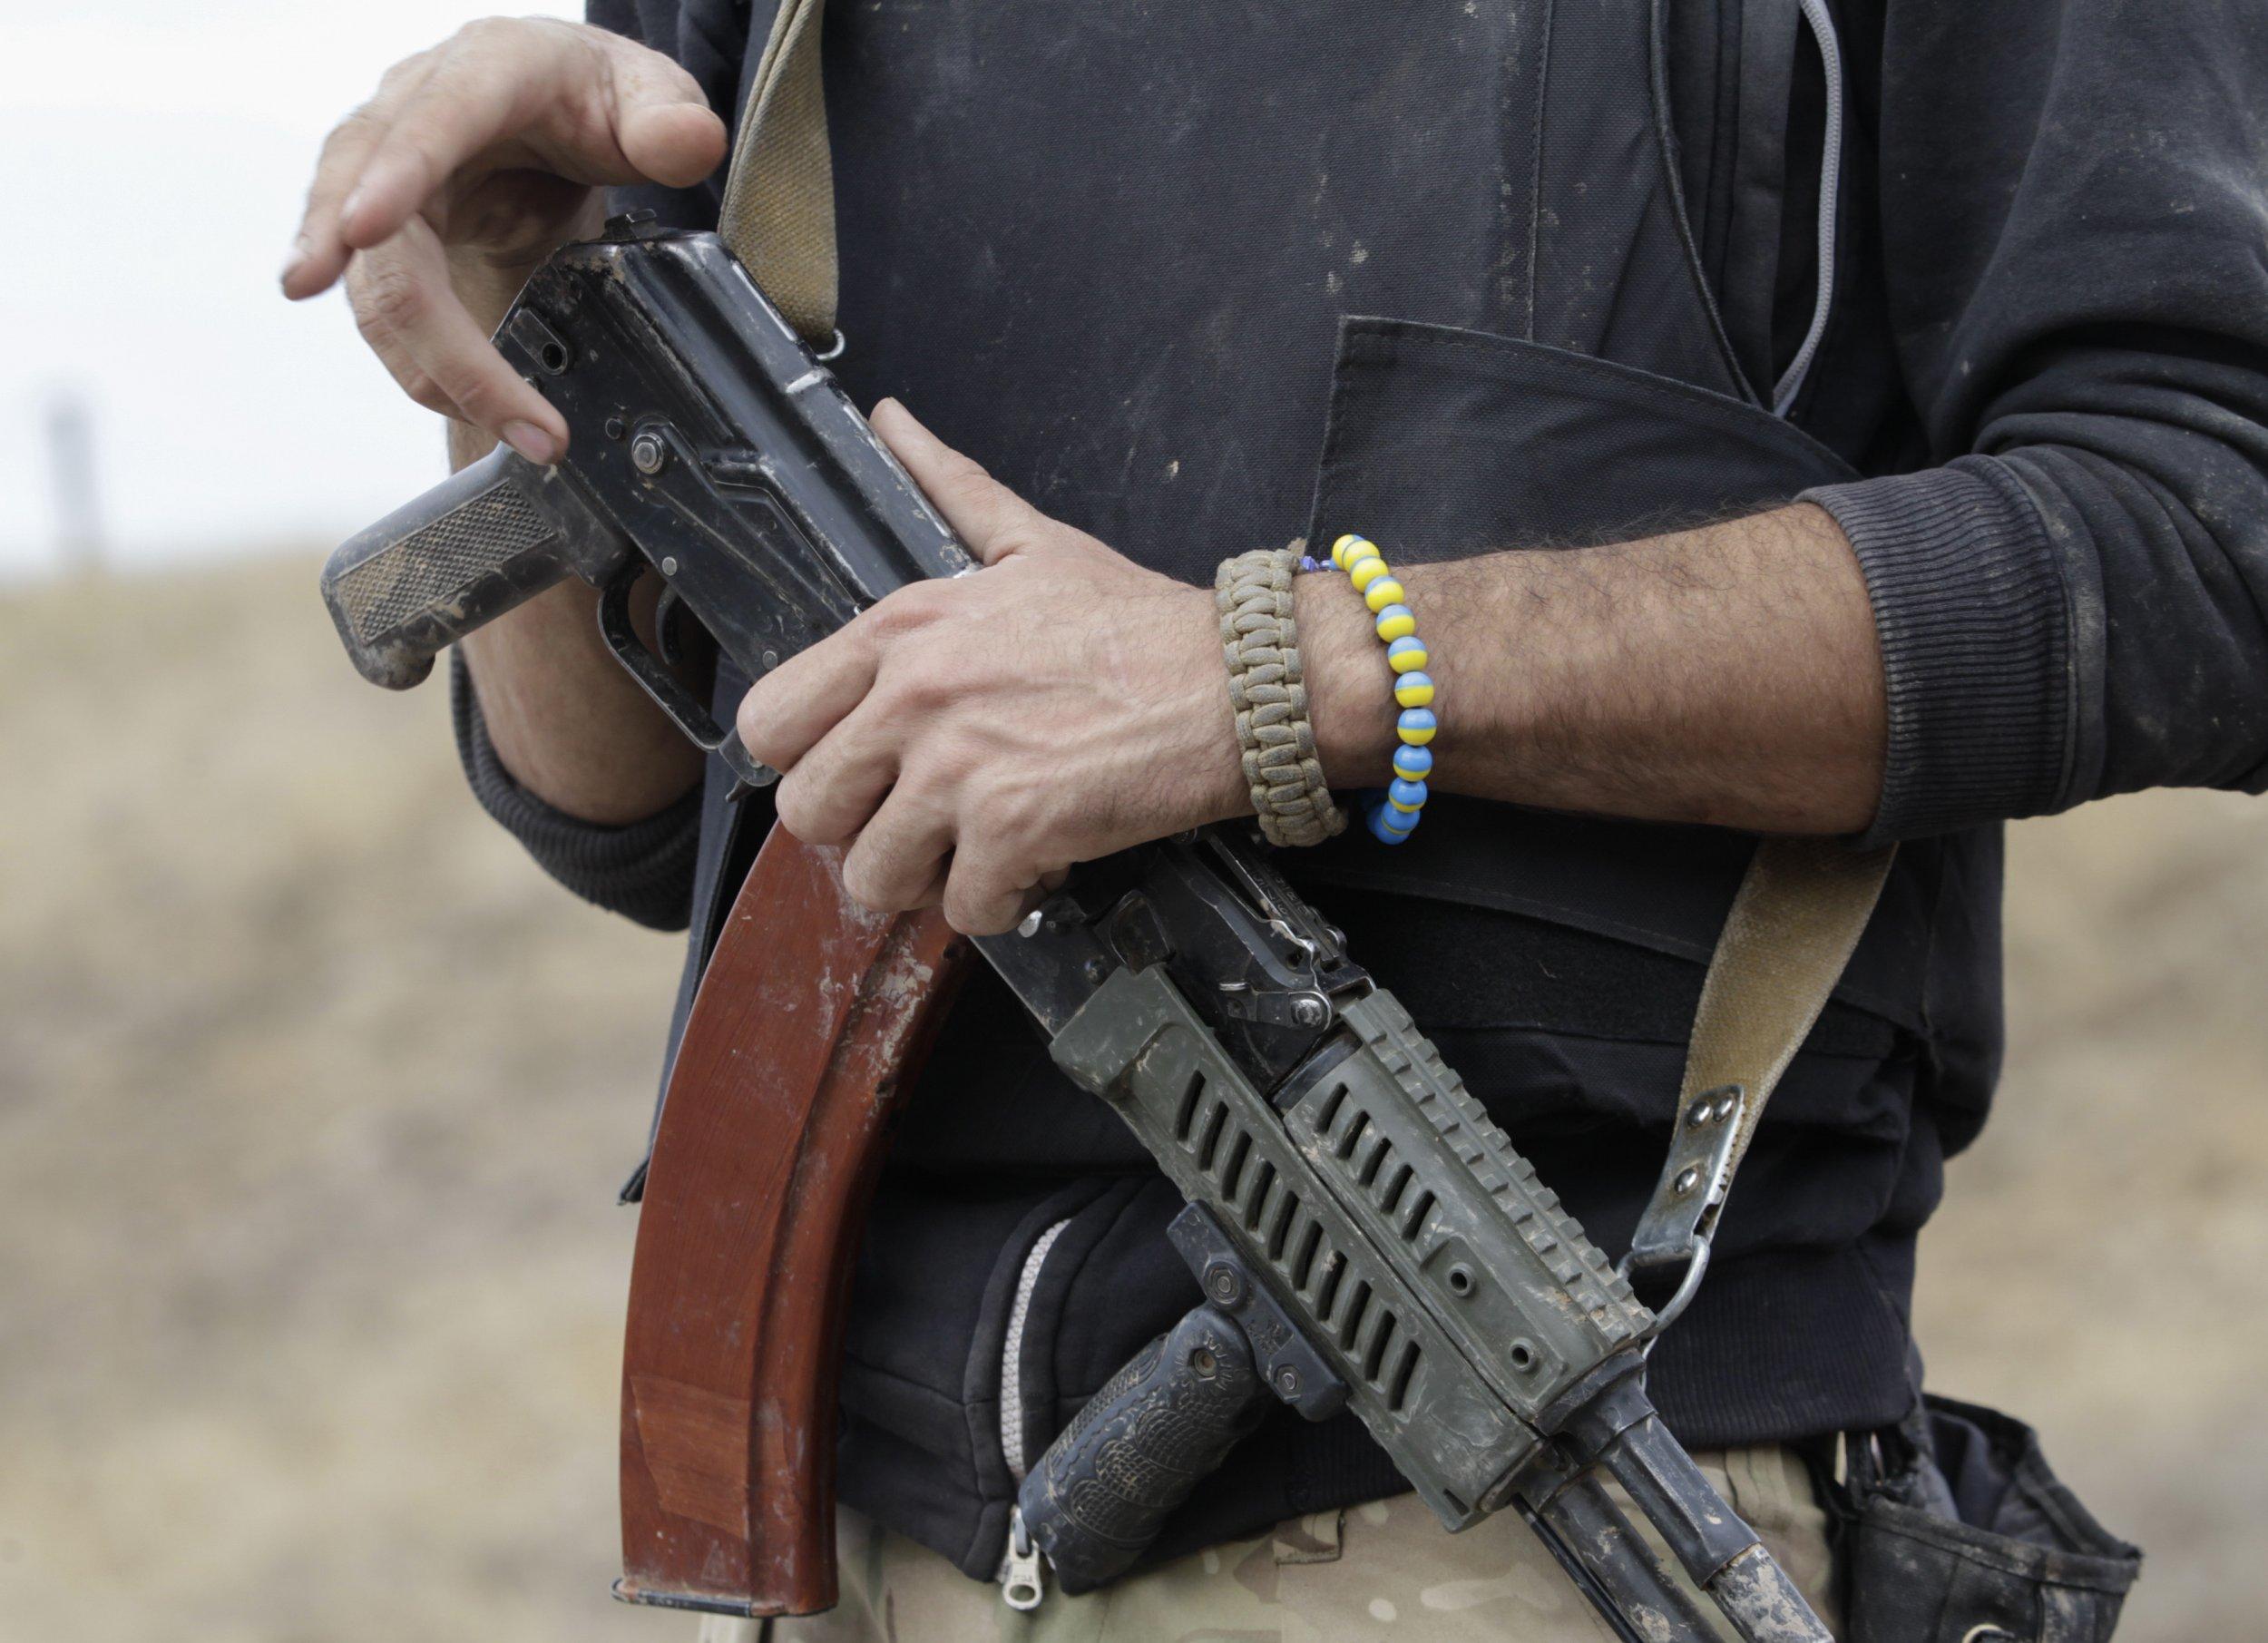 Ukrainian fighter holds a gun